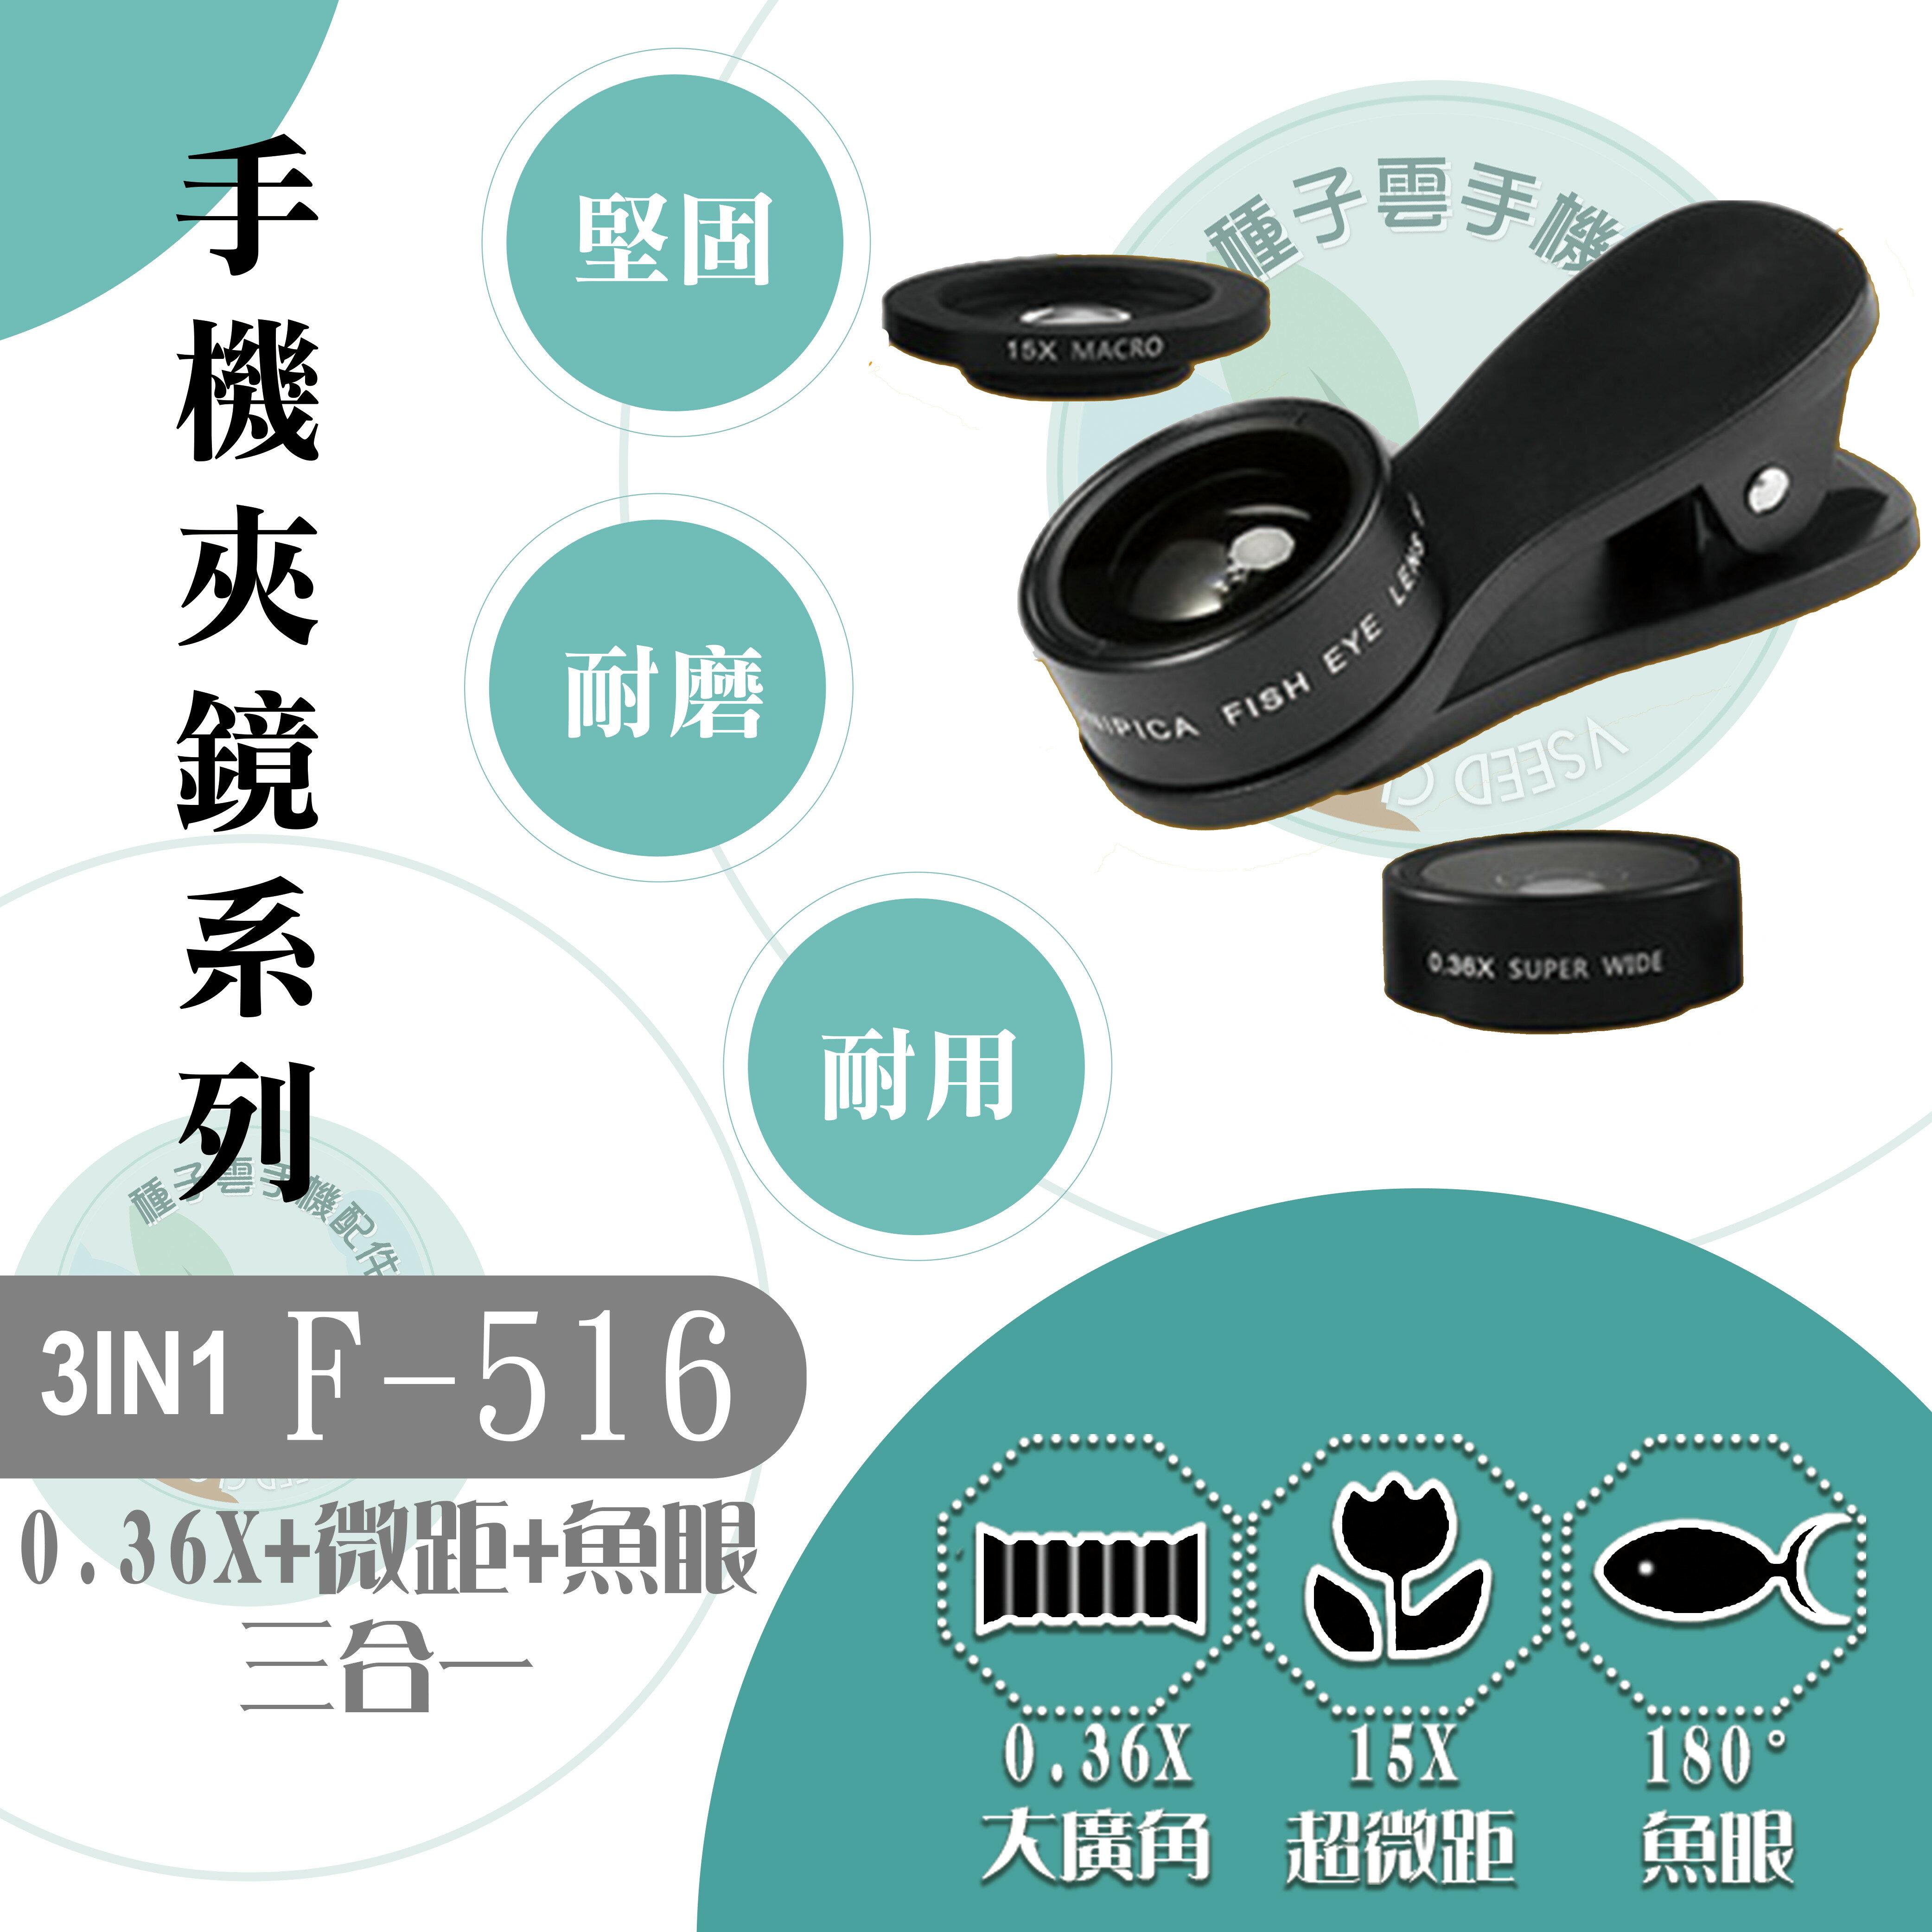 FUNIPICAF-516 玫瑰金 0.36X 超廣角 15X微距 180度魚眼 三合一 iPhone HTC 三星 手機 鏡頭 出國旅遊 家庭聚會 迎新送舊 自拍神器 免運費